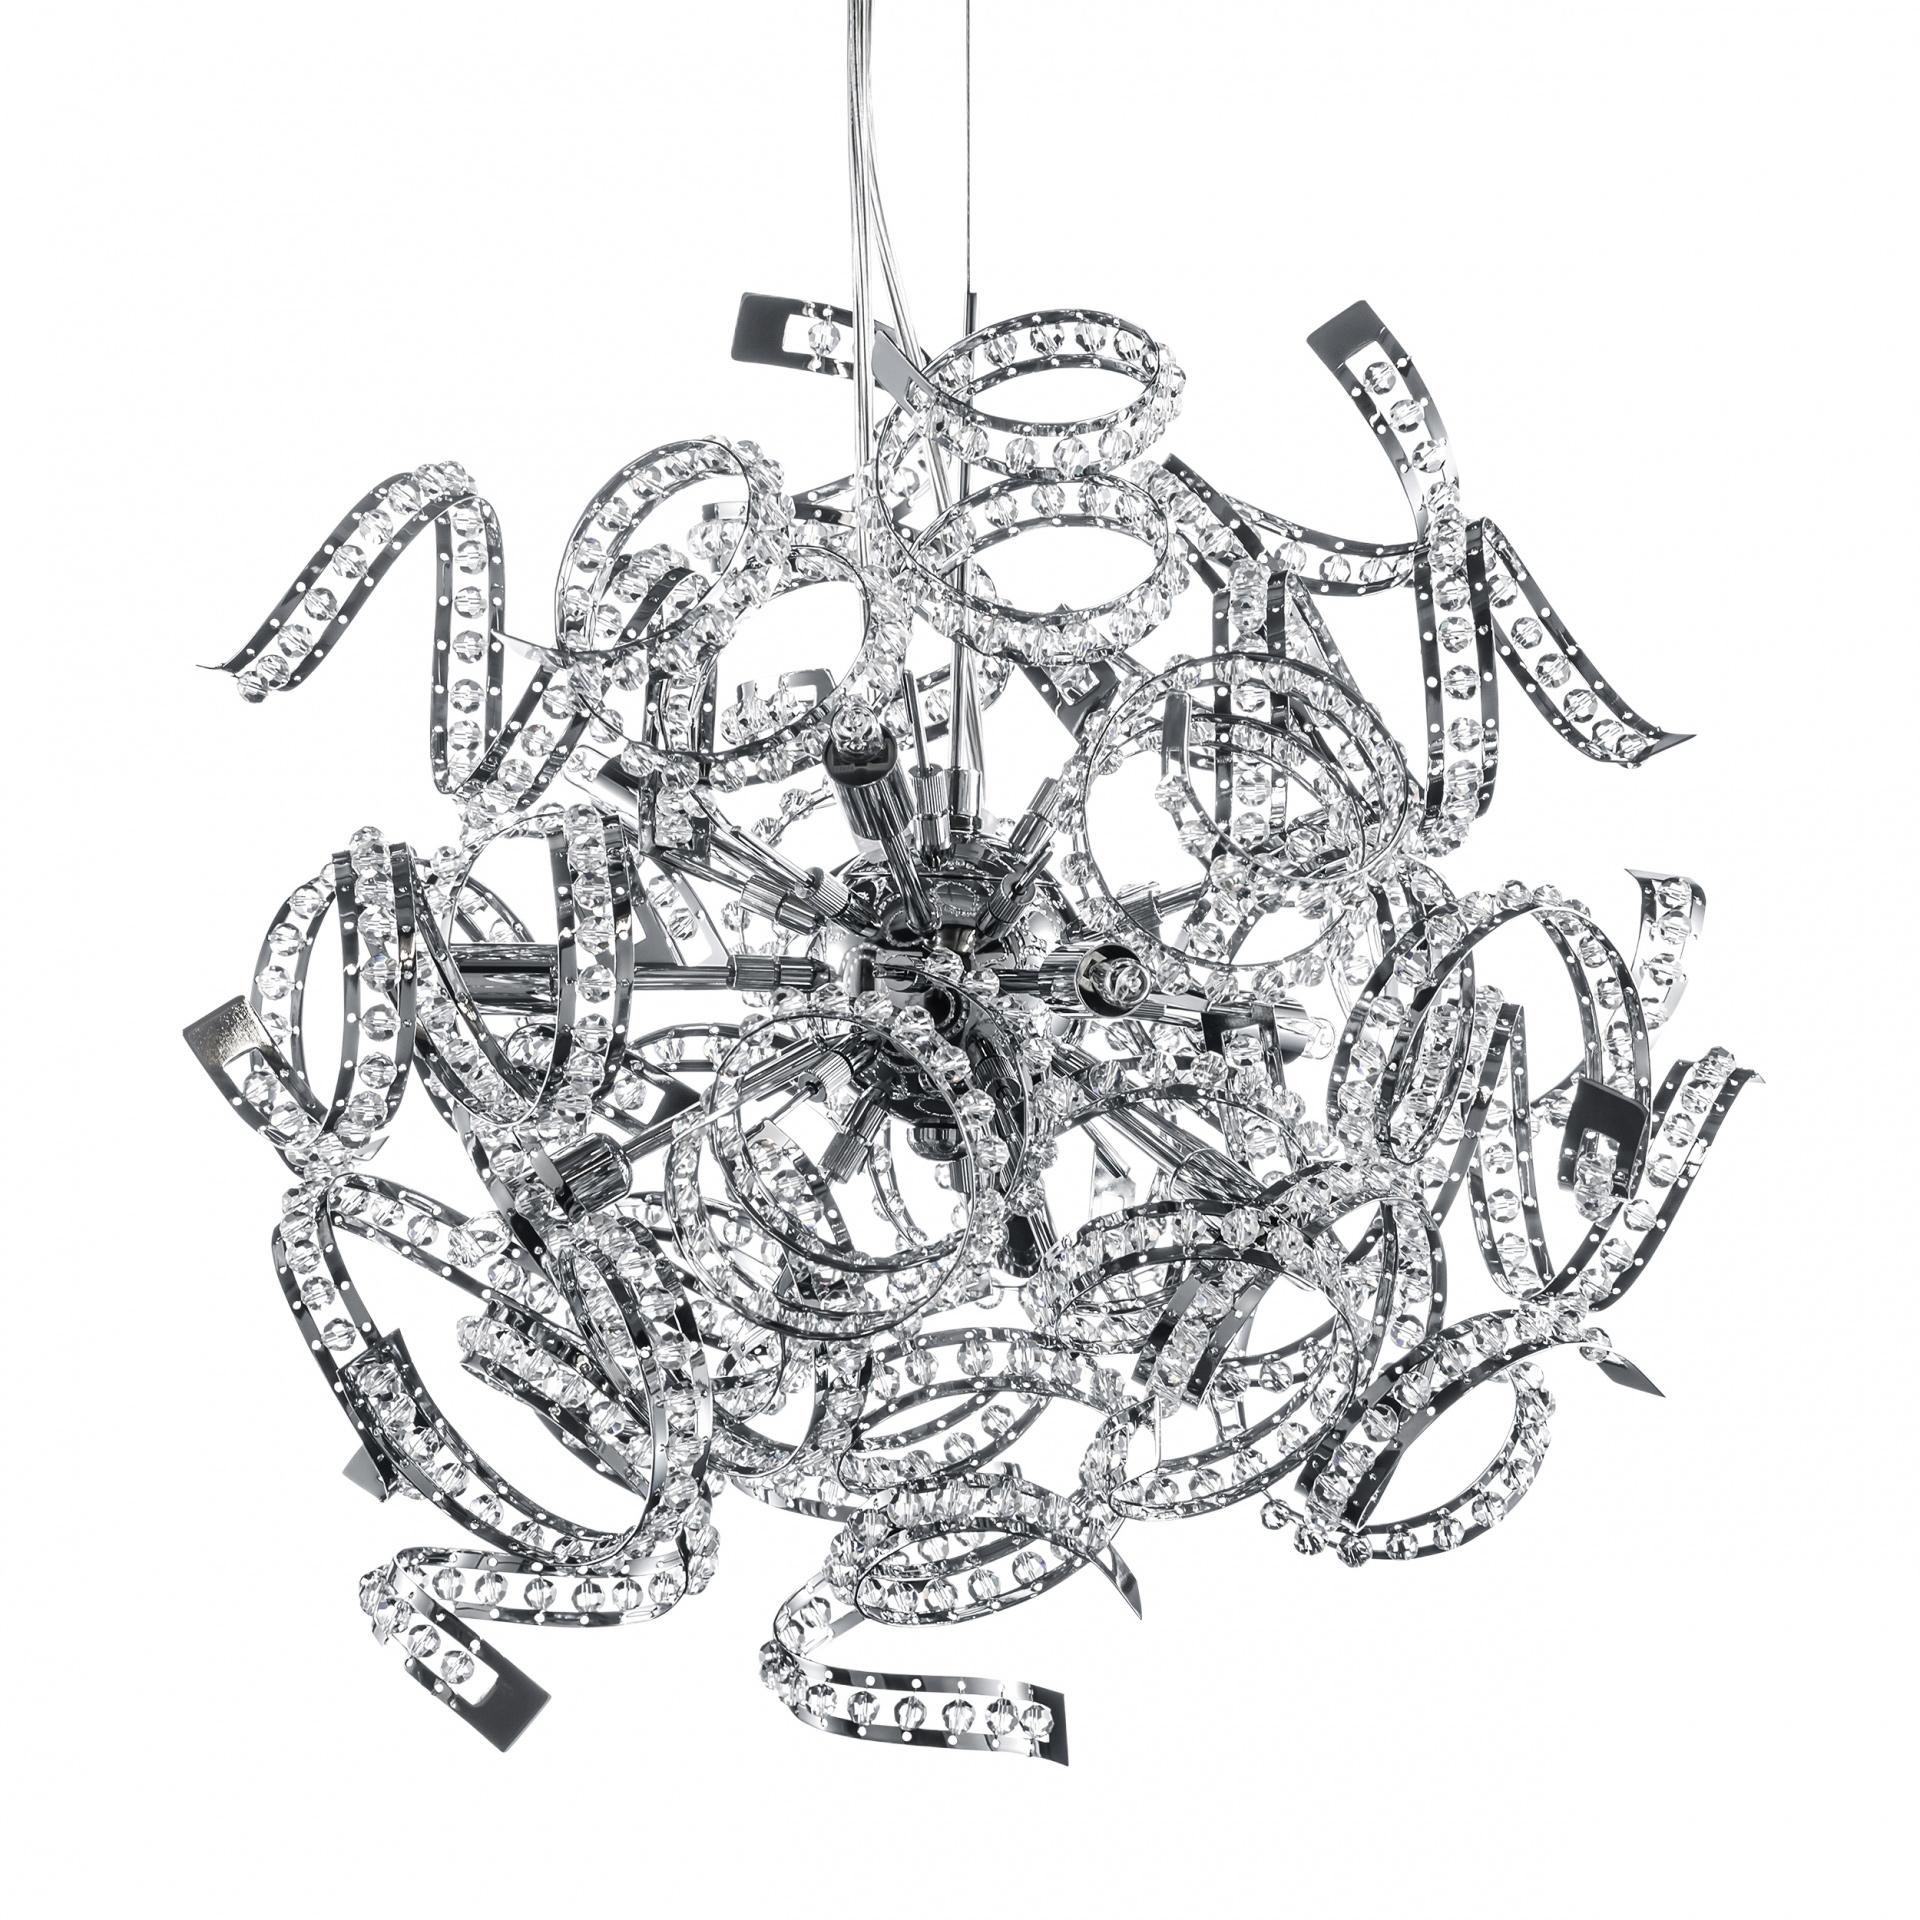 Люстра подвесная Spider 9х40W G9 хром Lightstar 742194, купить в СПб, Москве, с доставкой, Санкт-Петербург, интернет-магазин люстр и светильников Starlight, фото в жизни